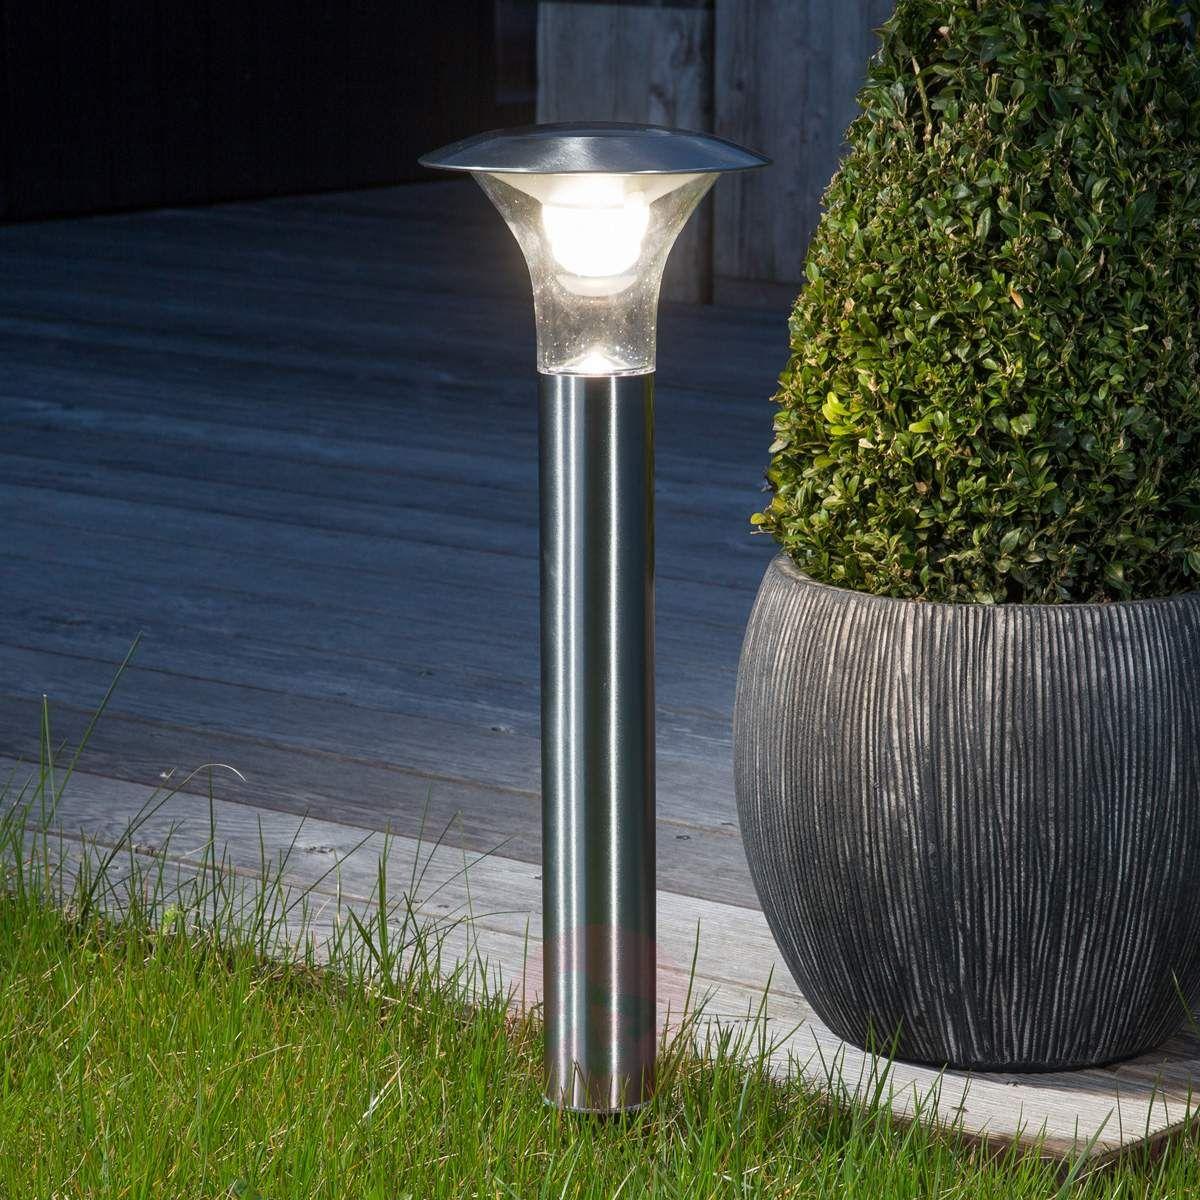 Lampa Solarna Jolin Z Led I Grotem Ziemnym Lampy Solarne